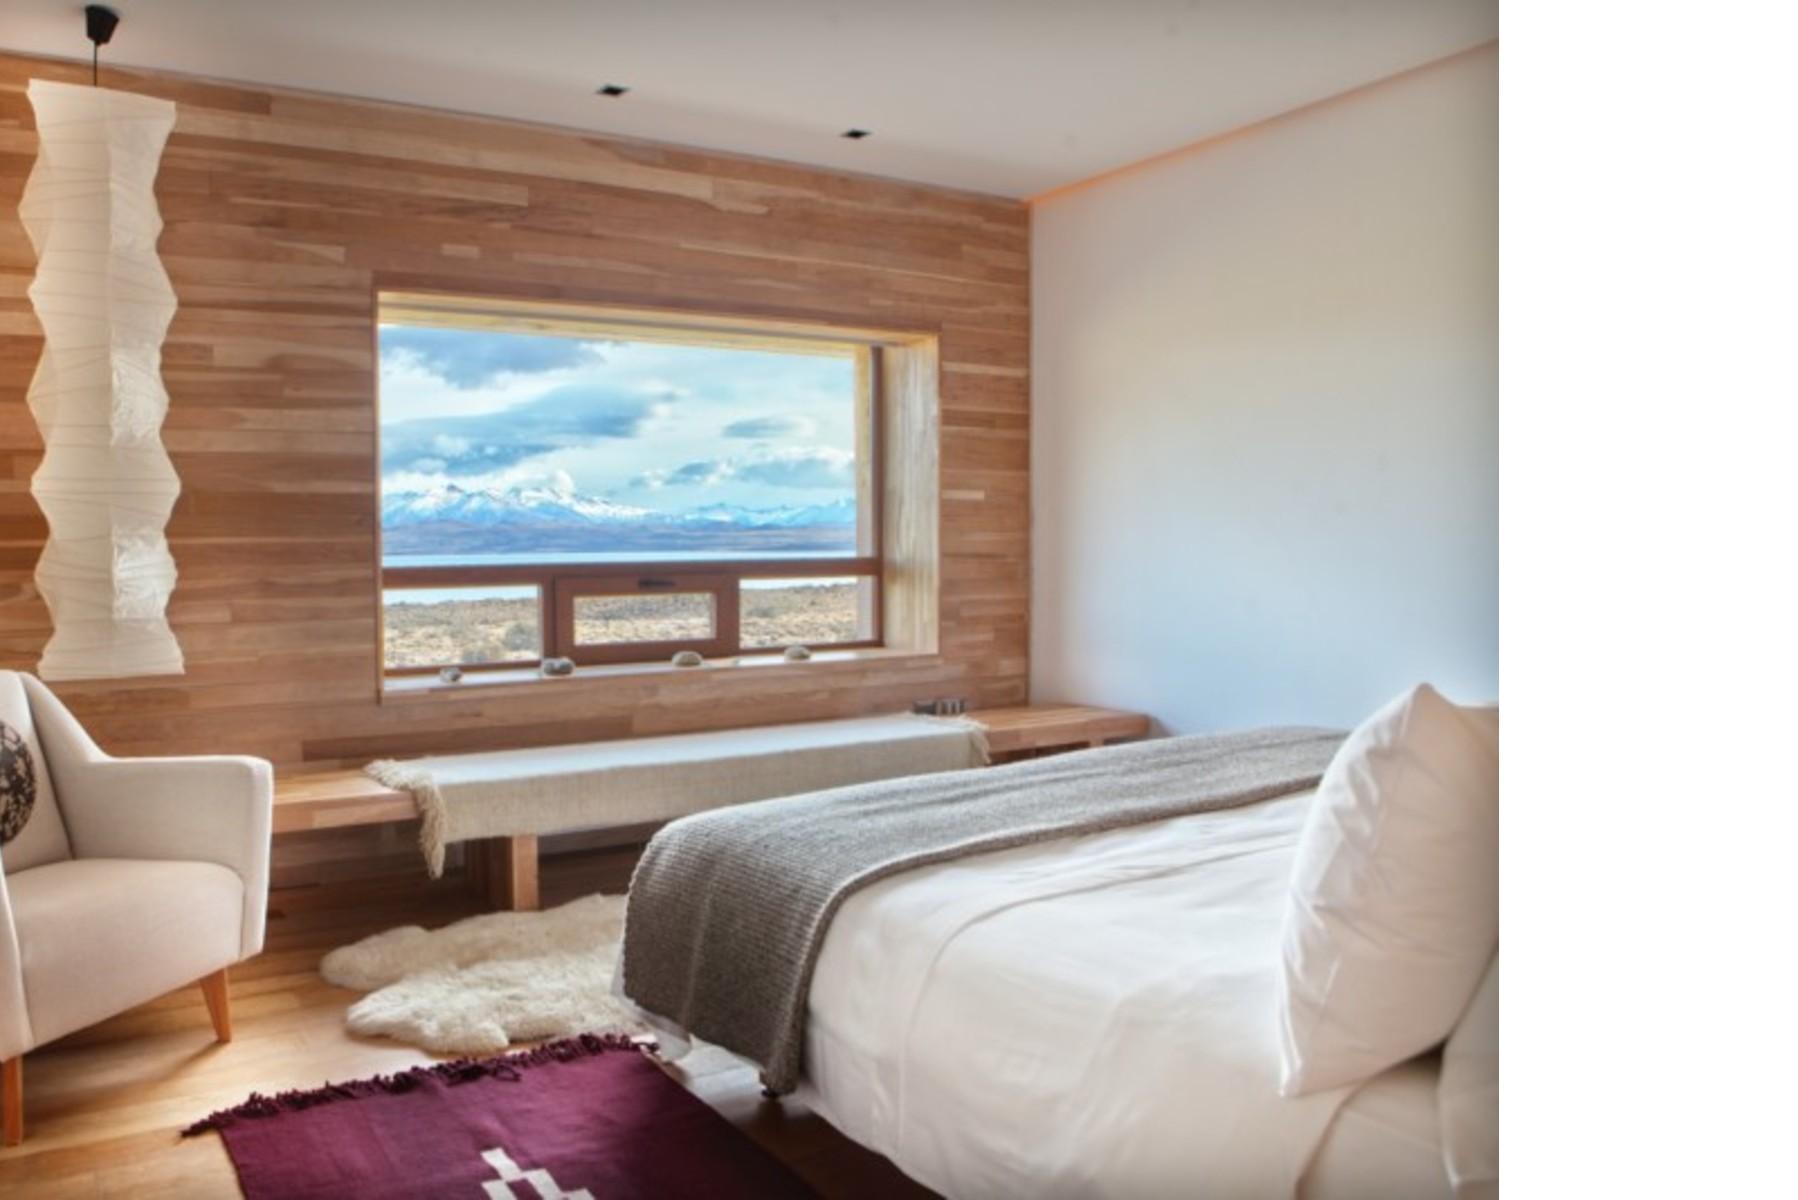 Cazú Zegers: Tierra Patagonia Hotel u Hotel del Viento, Chile